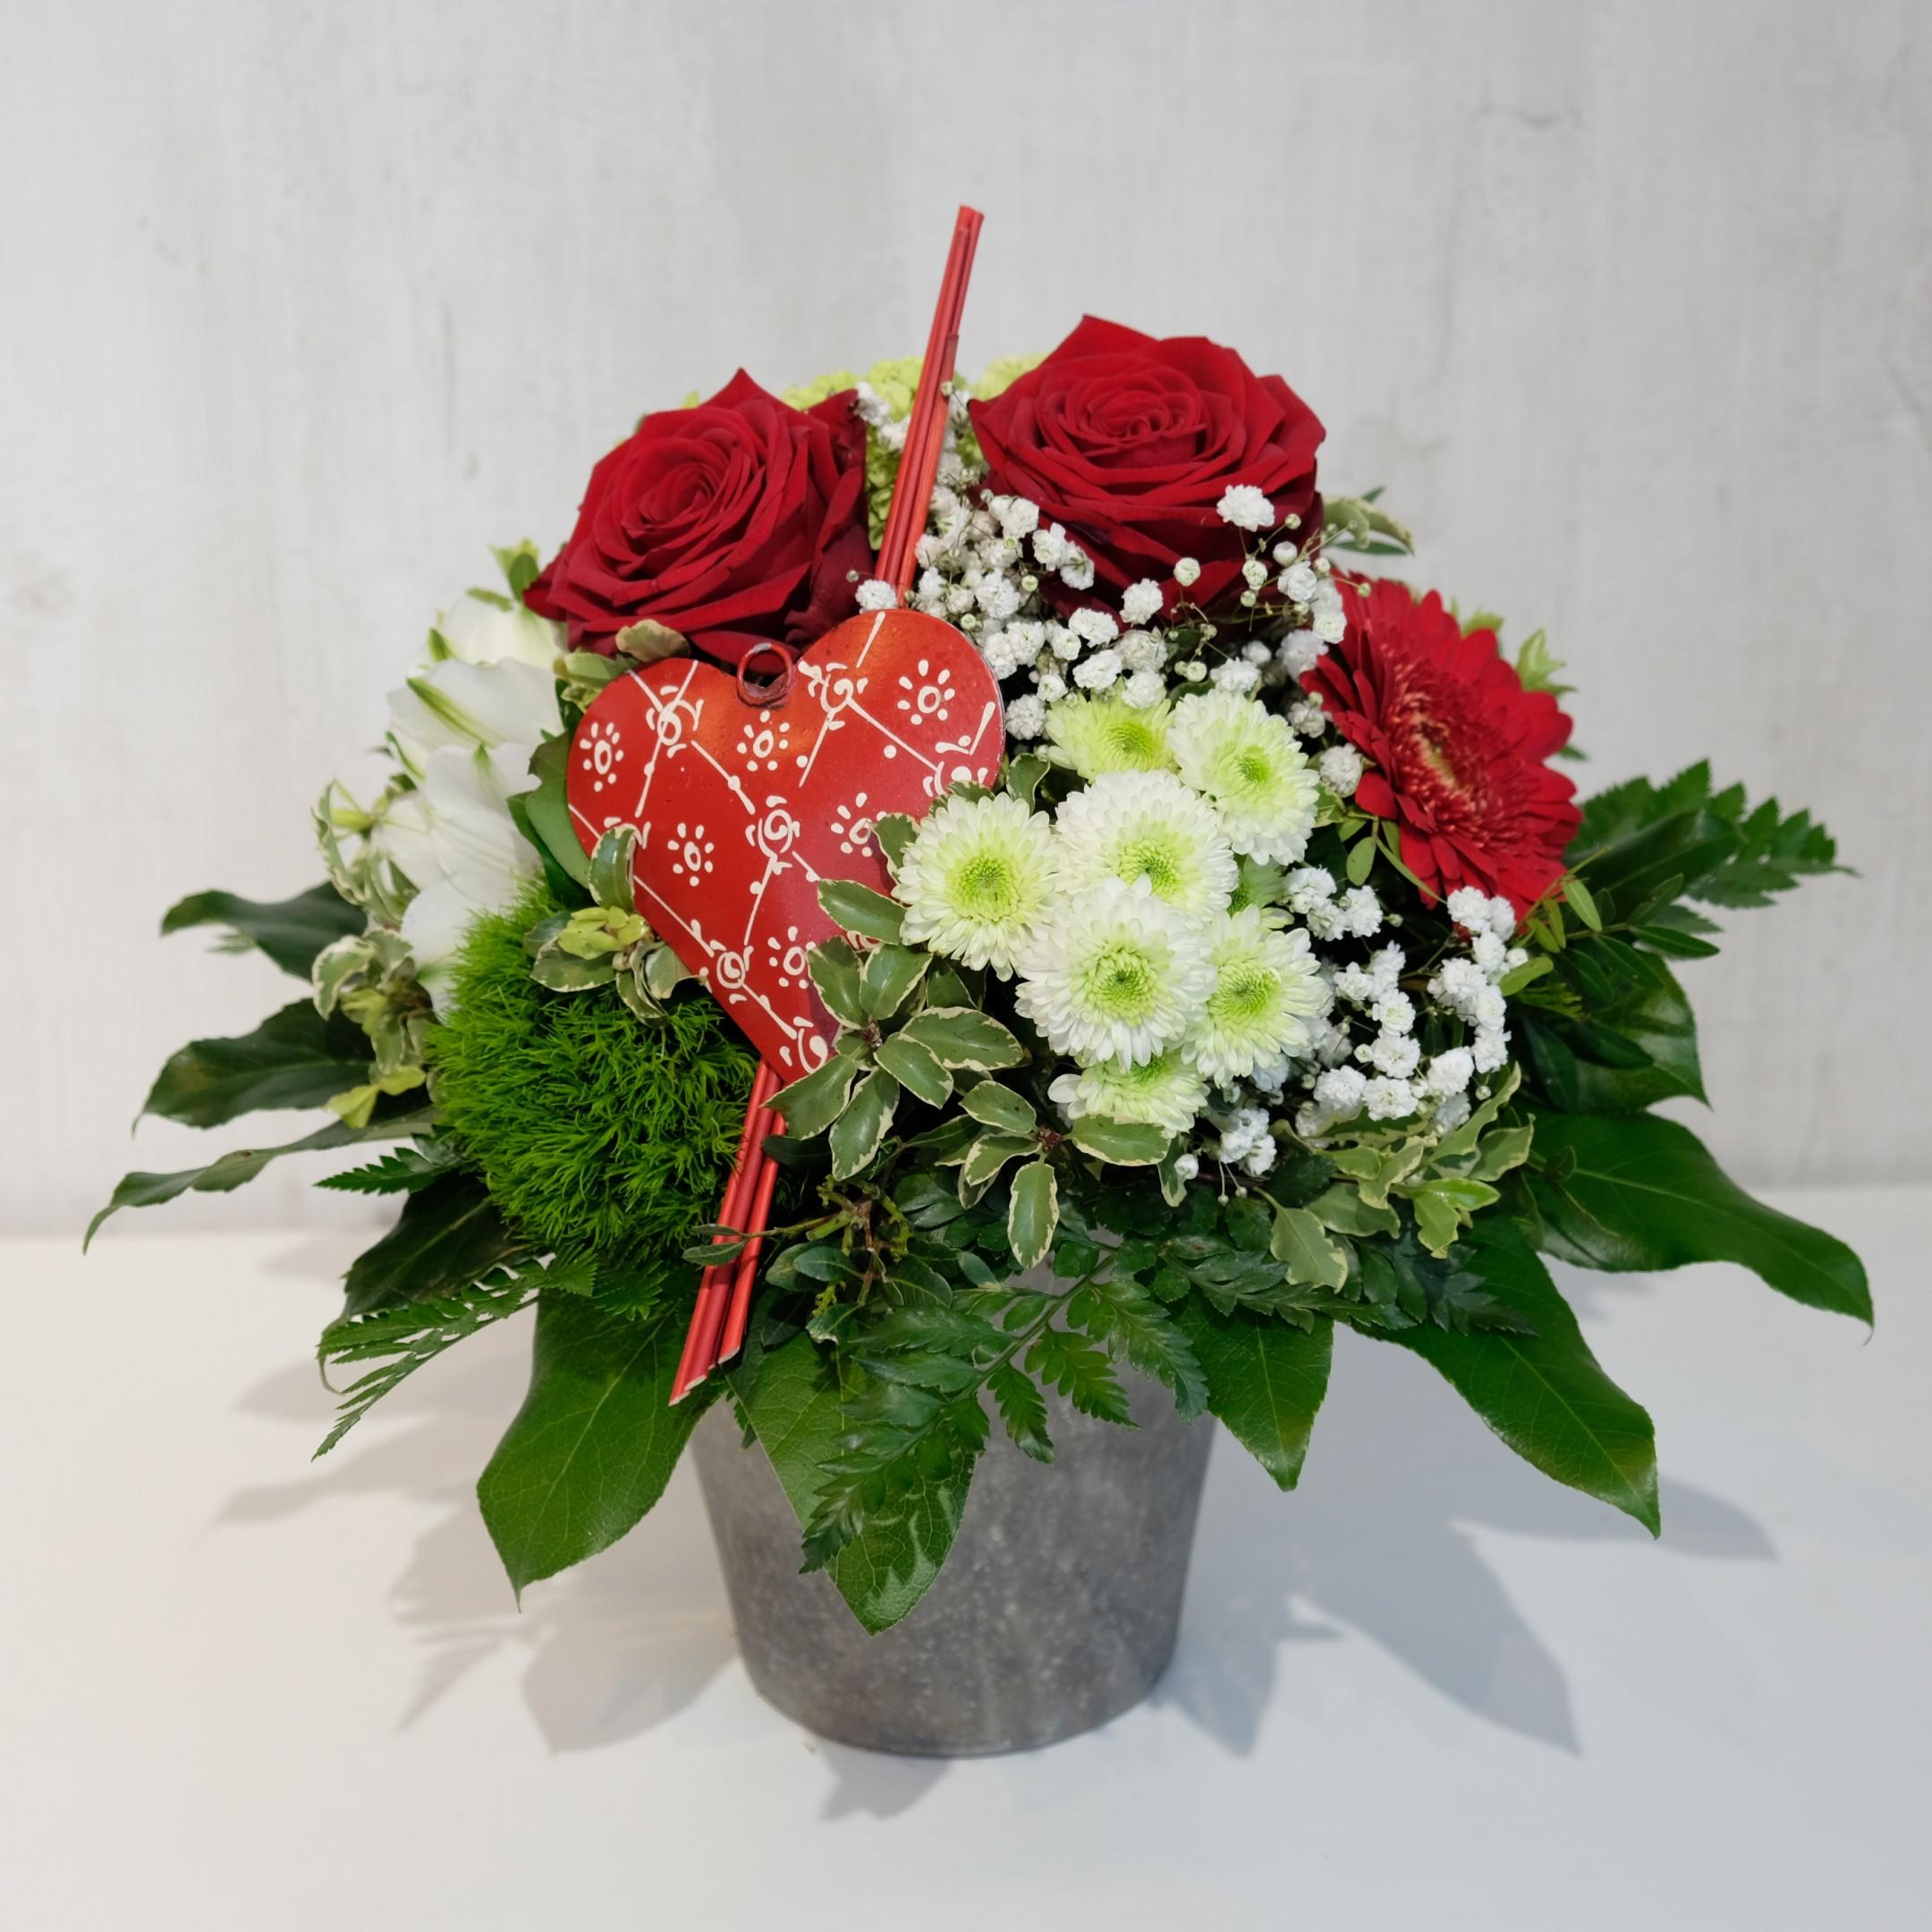 Ausgeschmückter Blumenstrauß Bild 1